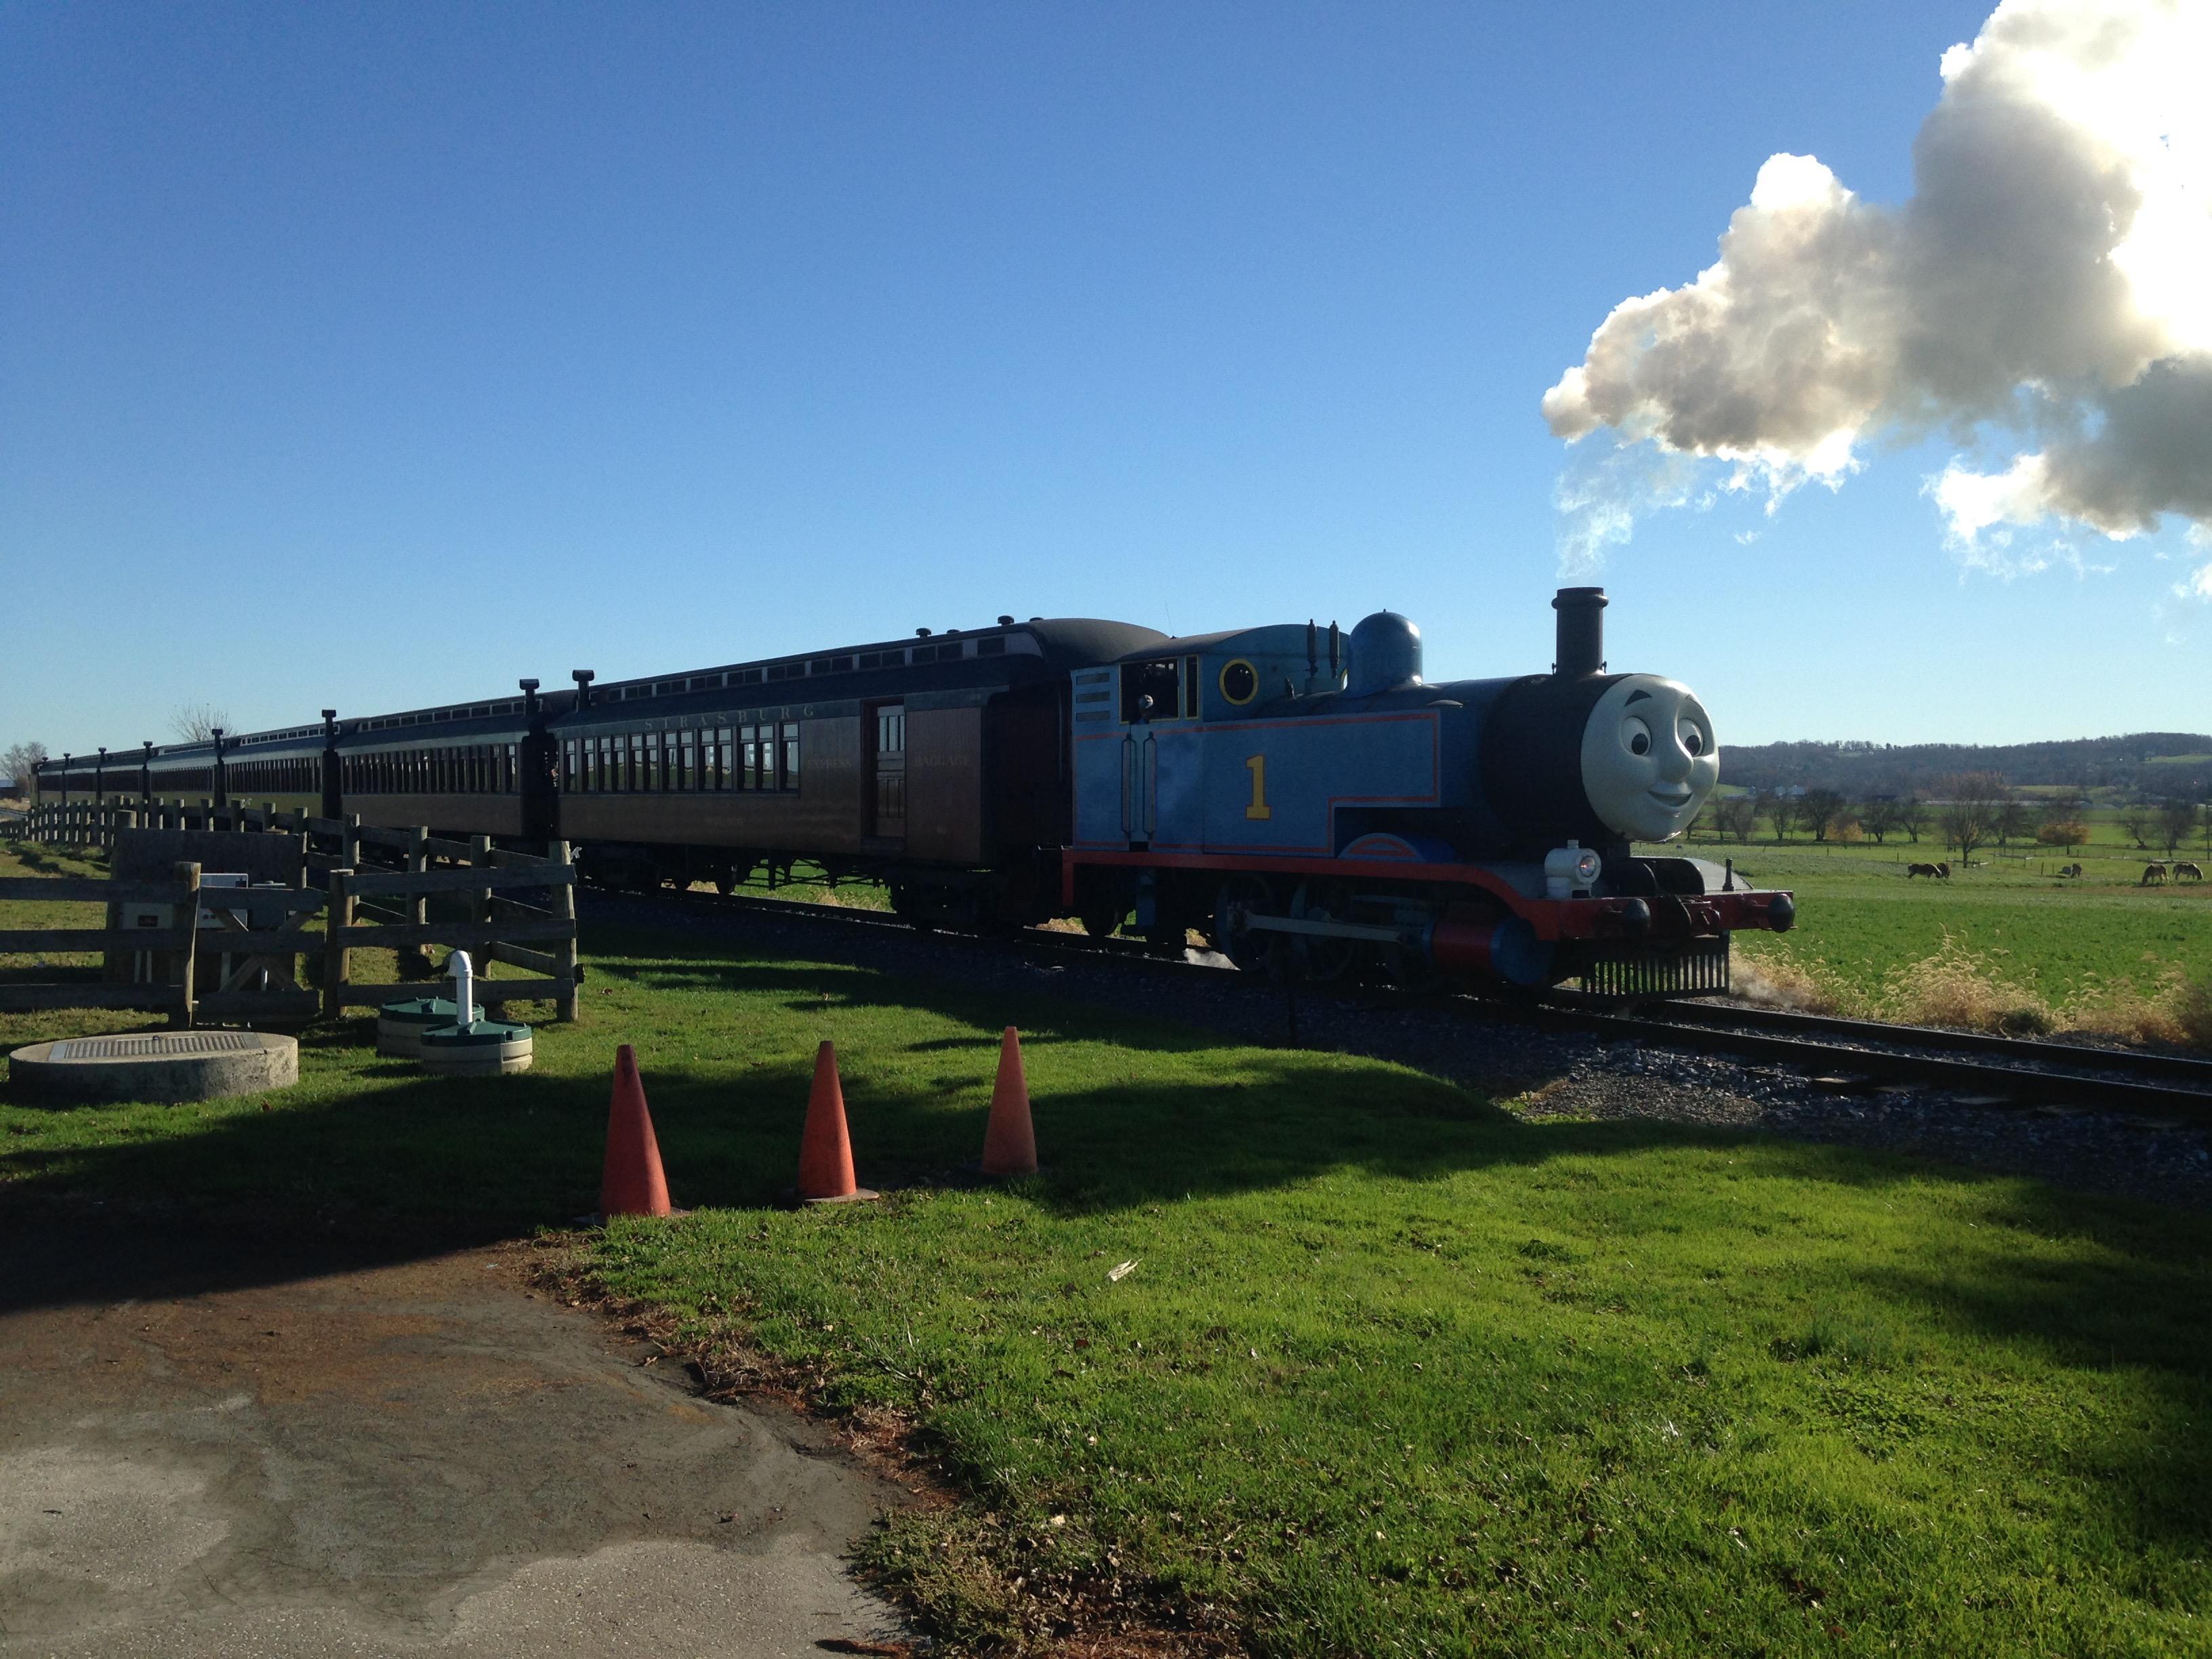 thomas the train at strasburg railroad and percy